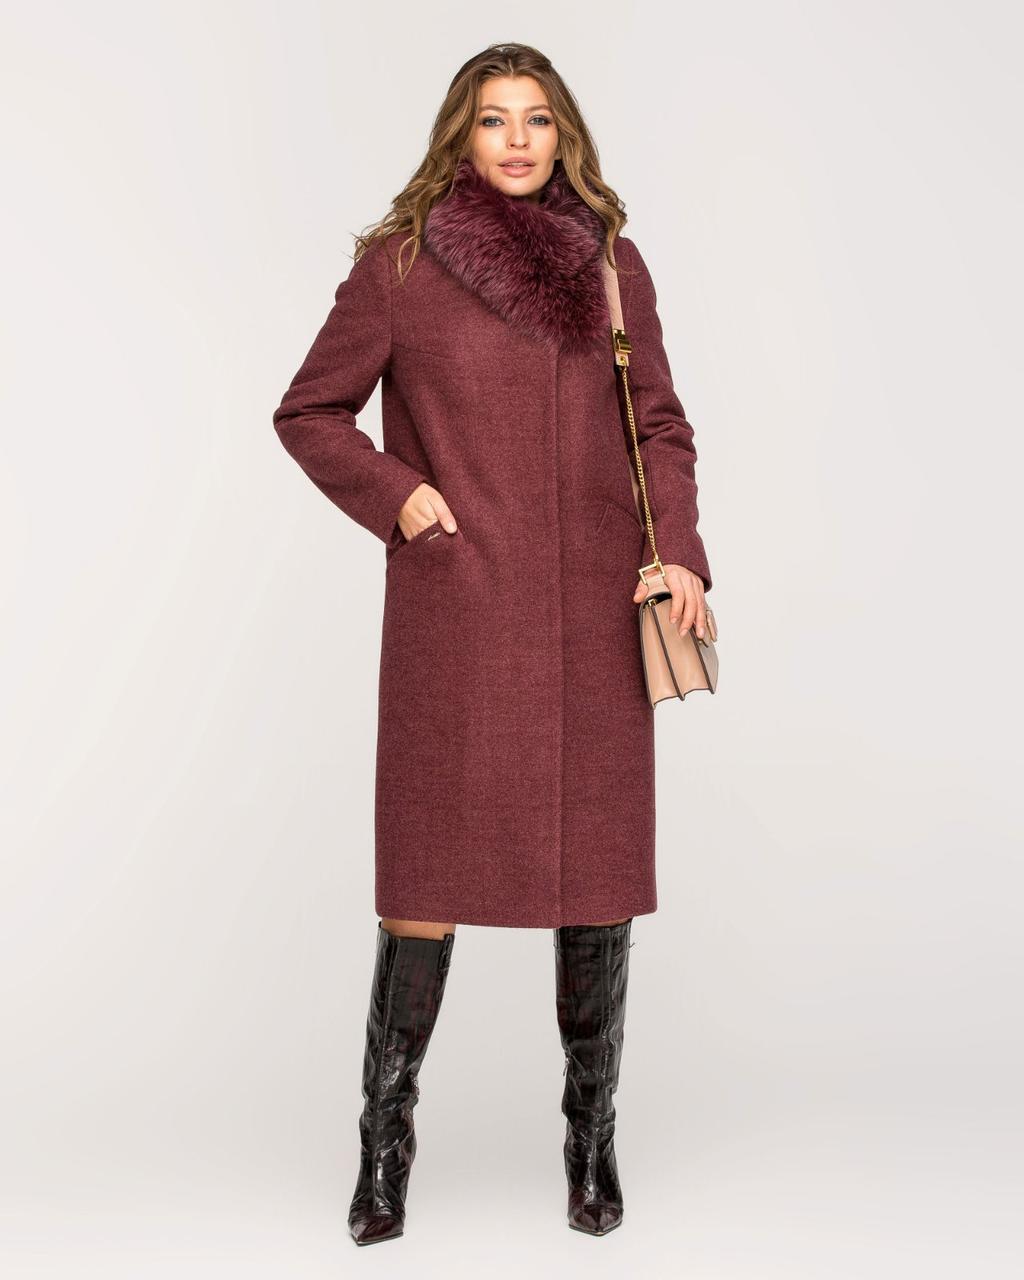 Зимнее женское пальто с натуральным мехом на воротнике